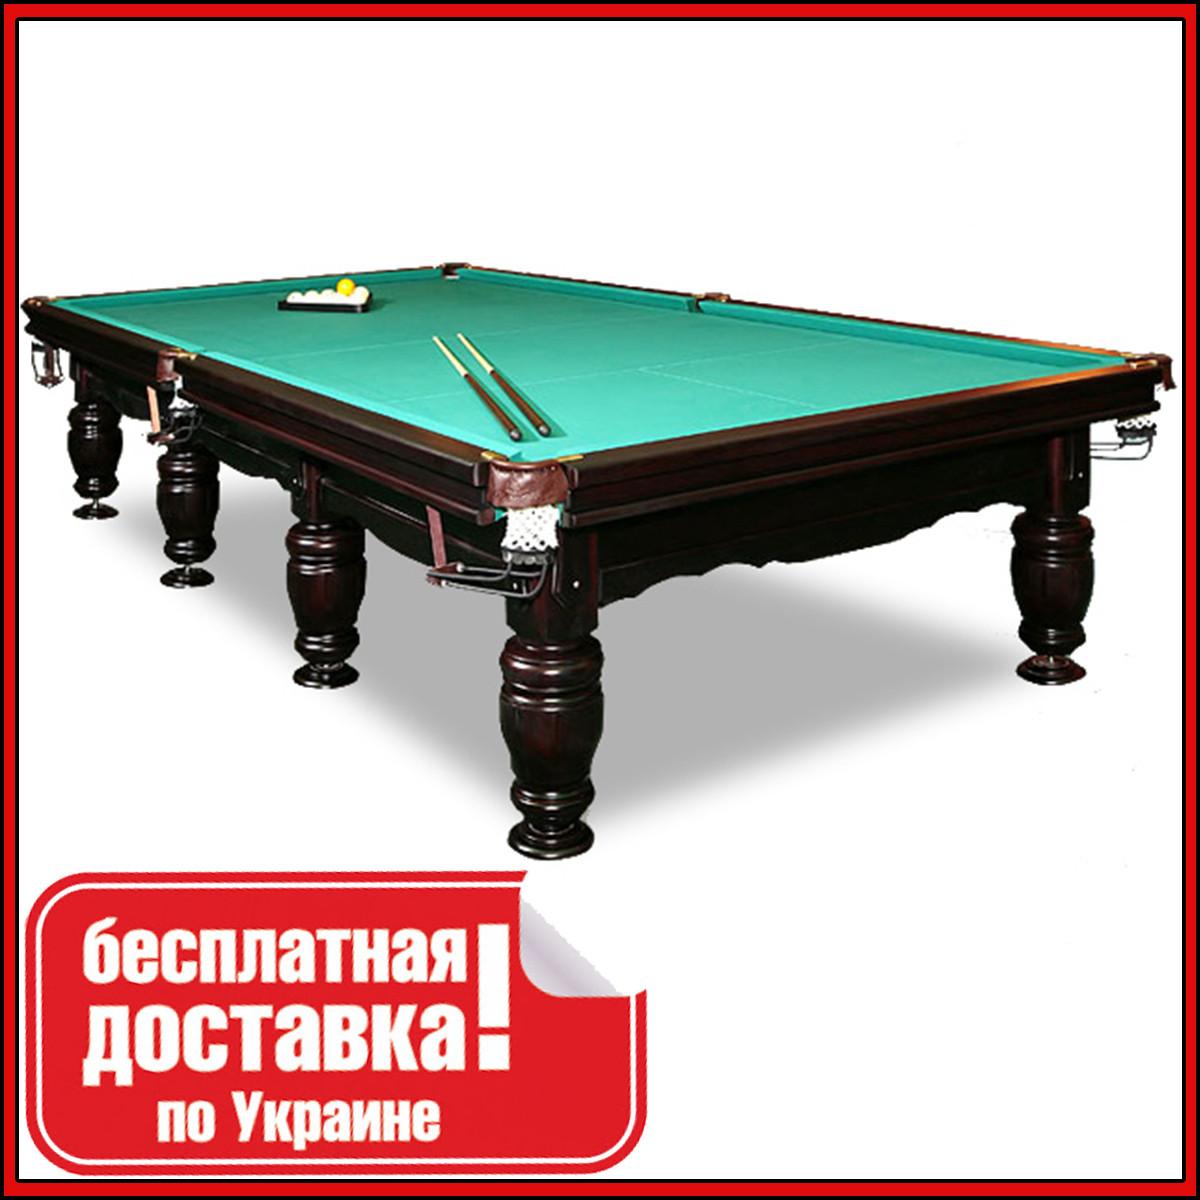 Бильярдный стол Ферзь Плюс снукер 12 футов Ардезия 3.6 м х 1.8 м из натурального дерева